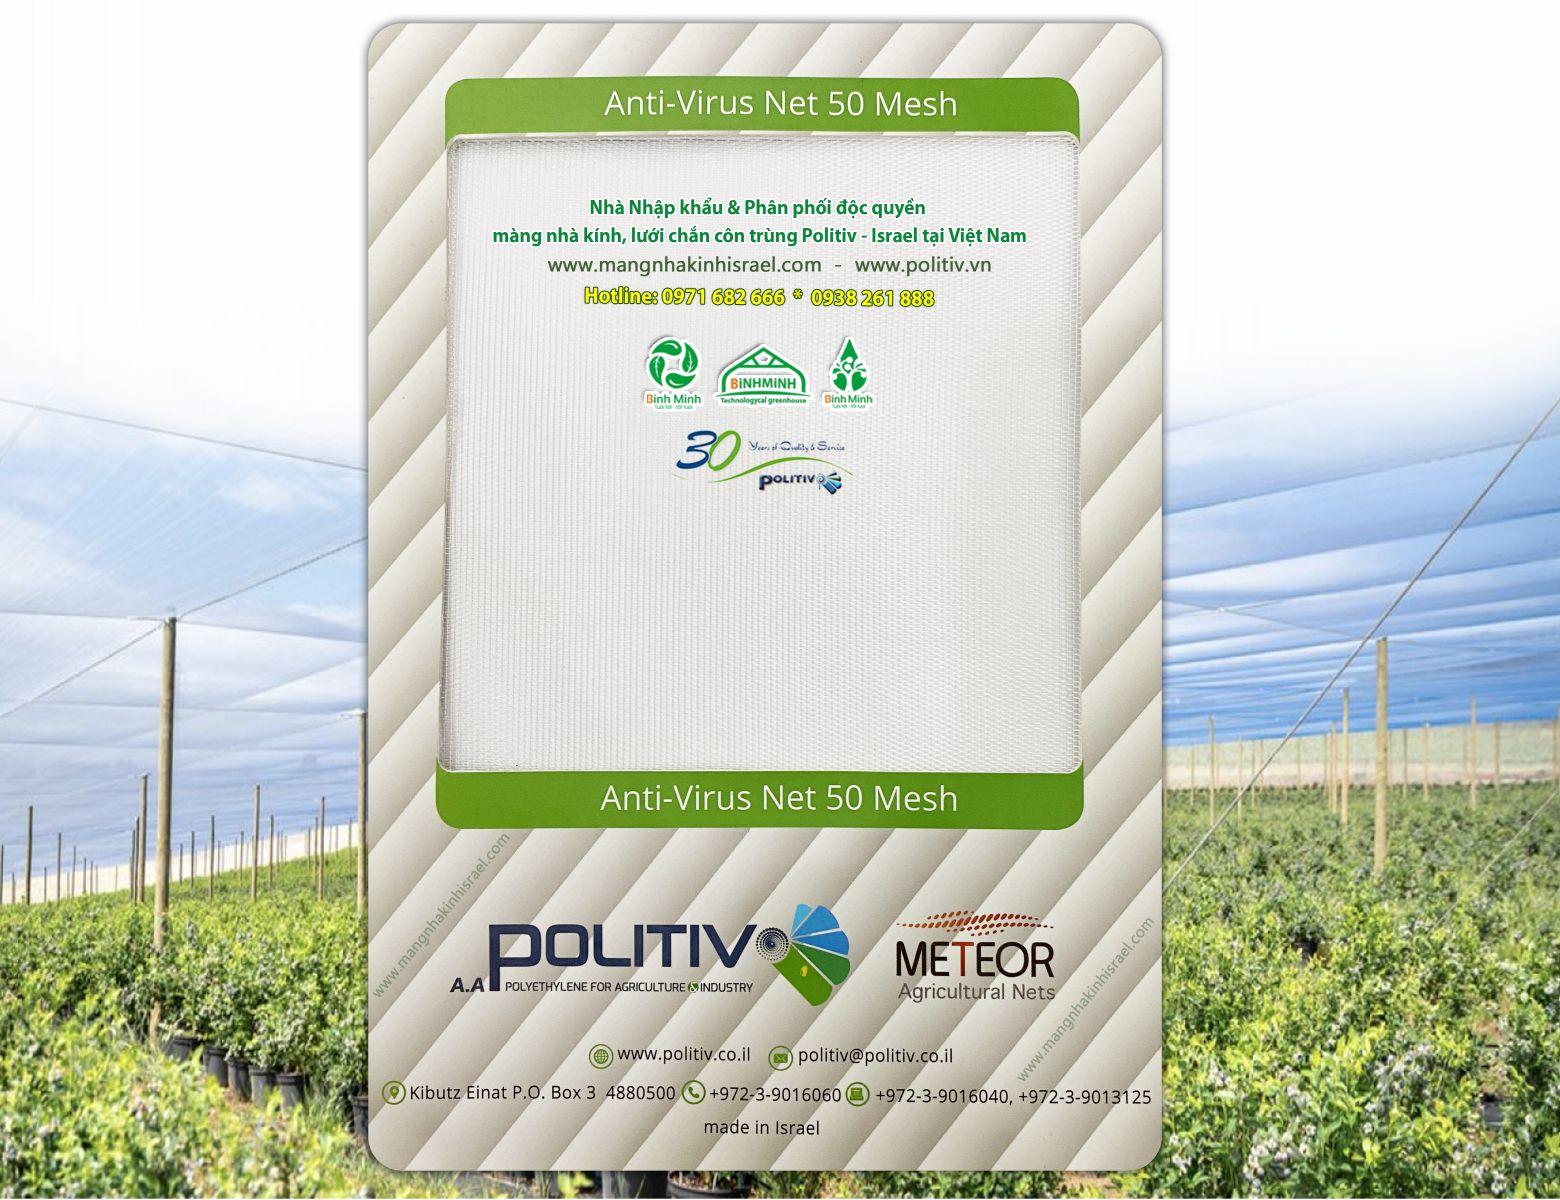 Lưới chắn côn trùng Politiv Israel 3,7m x 50m (Anti - Virus Net)